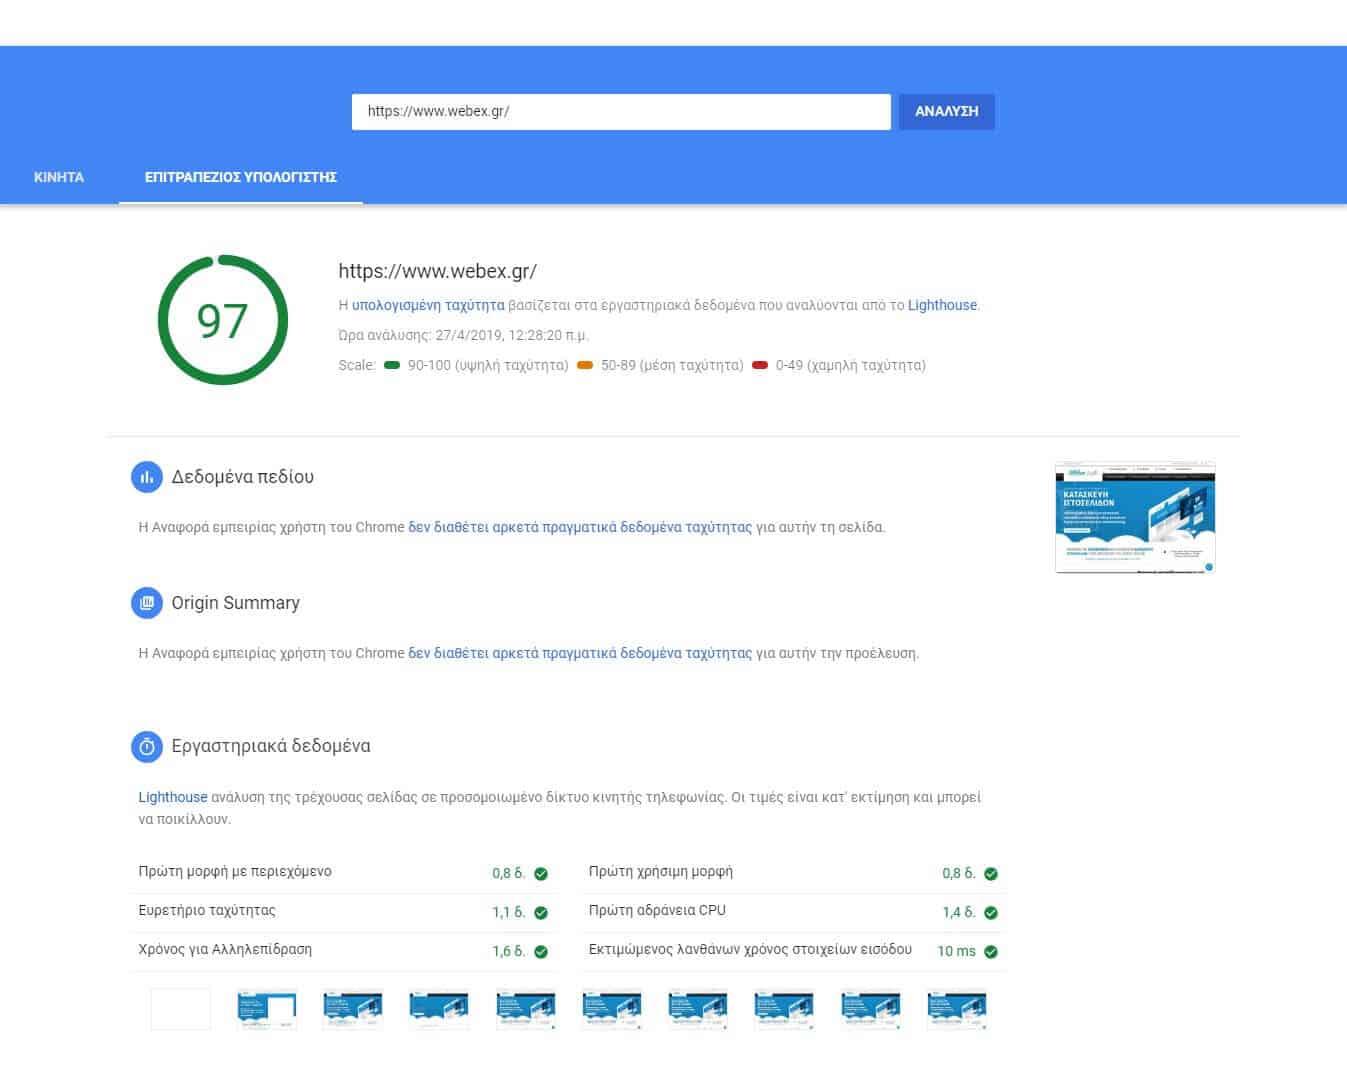 Μετρήστε τον χρόνο φόρτωσης της ιστοσελίδα σας